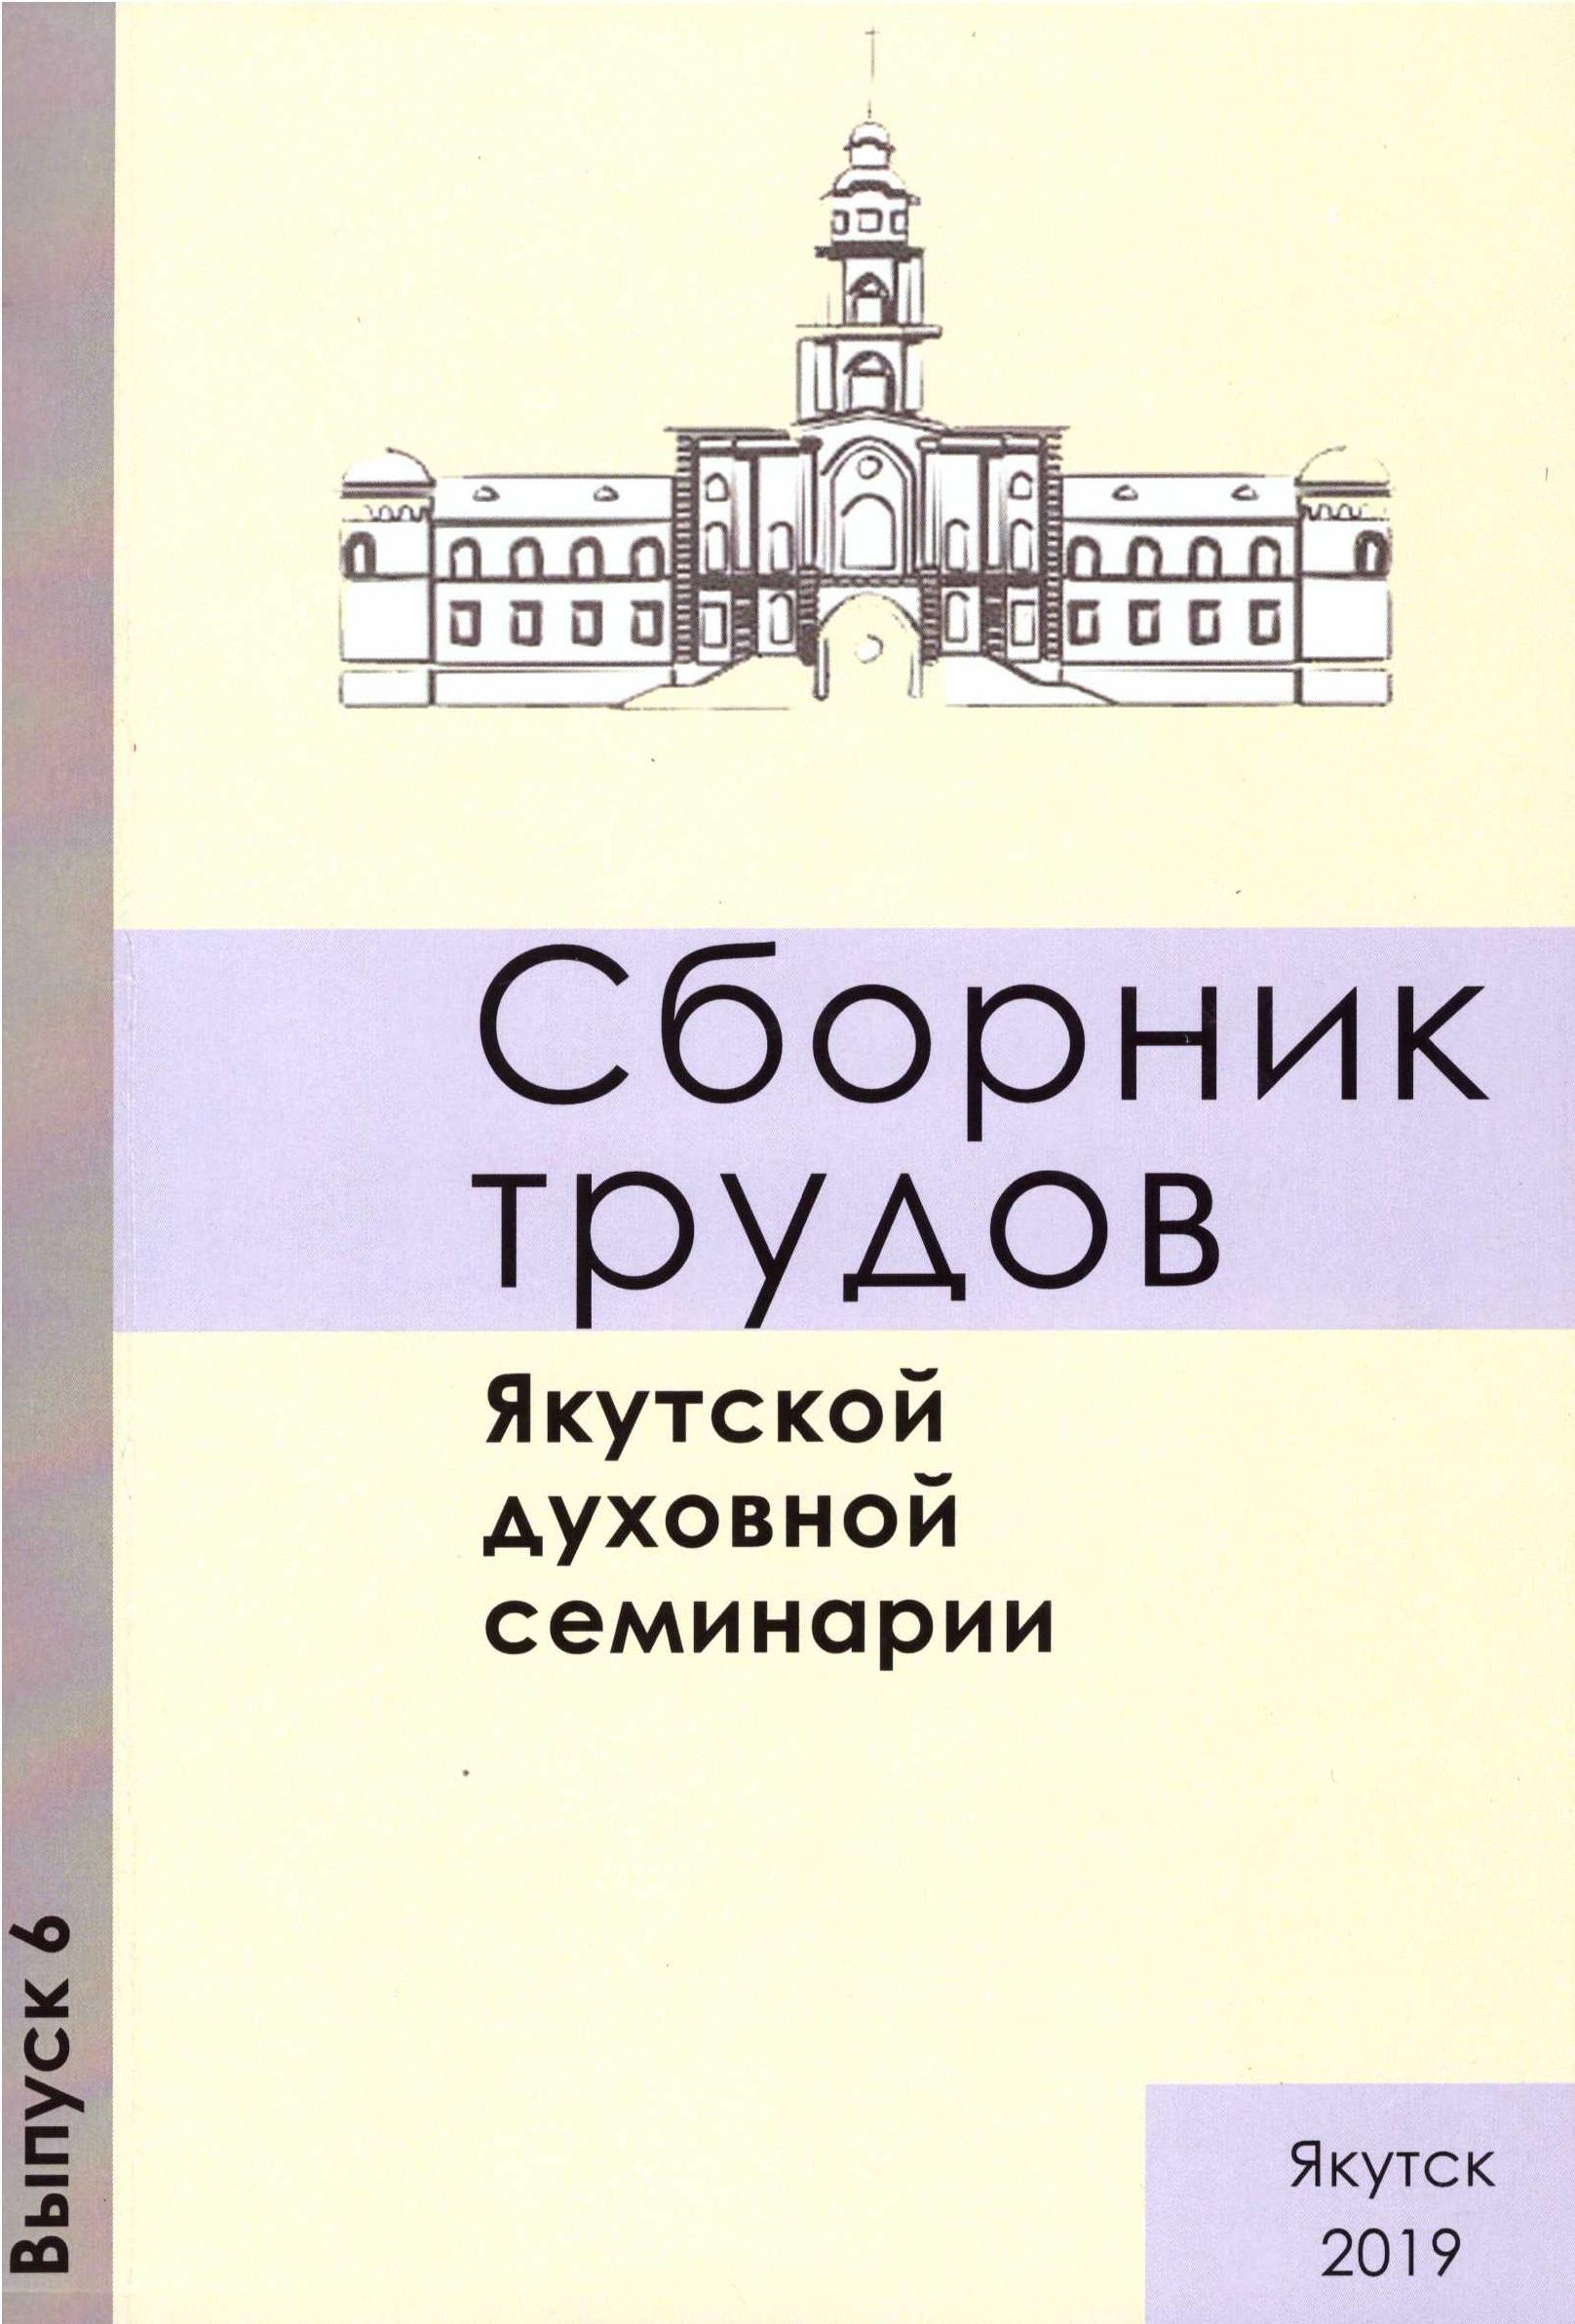 Сборник трудов Якутской духовной семинарии. Выпуск 6